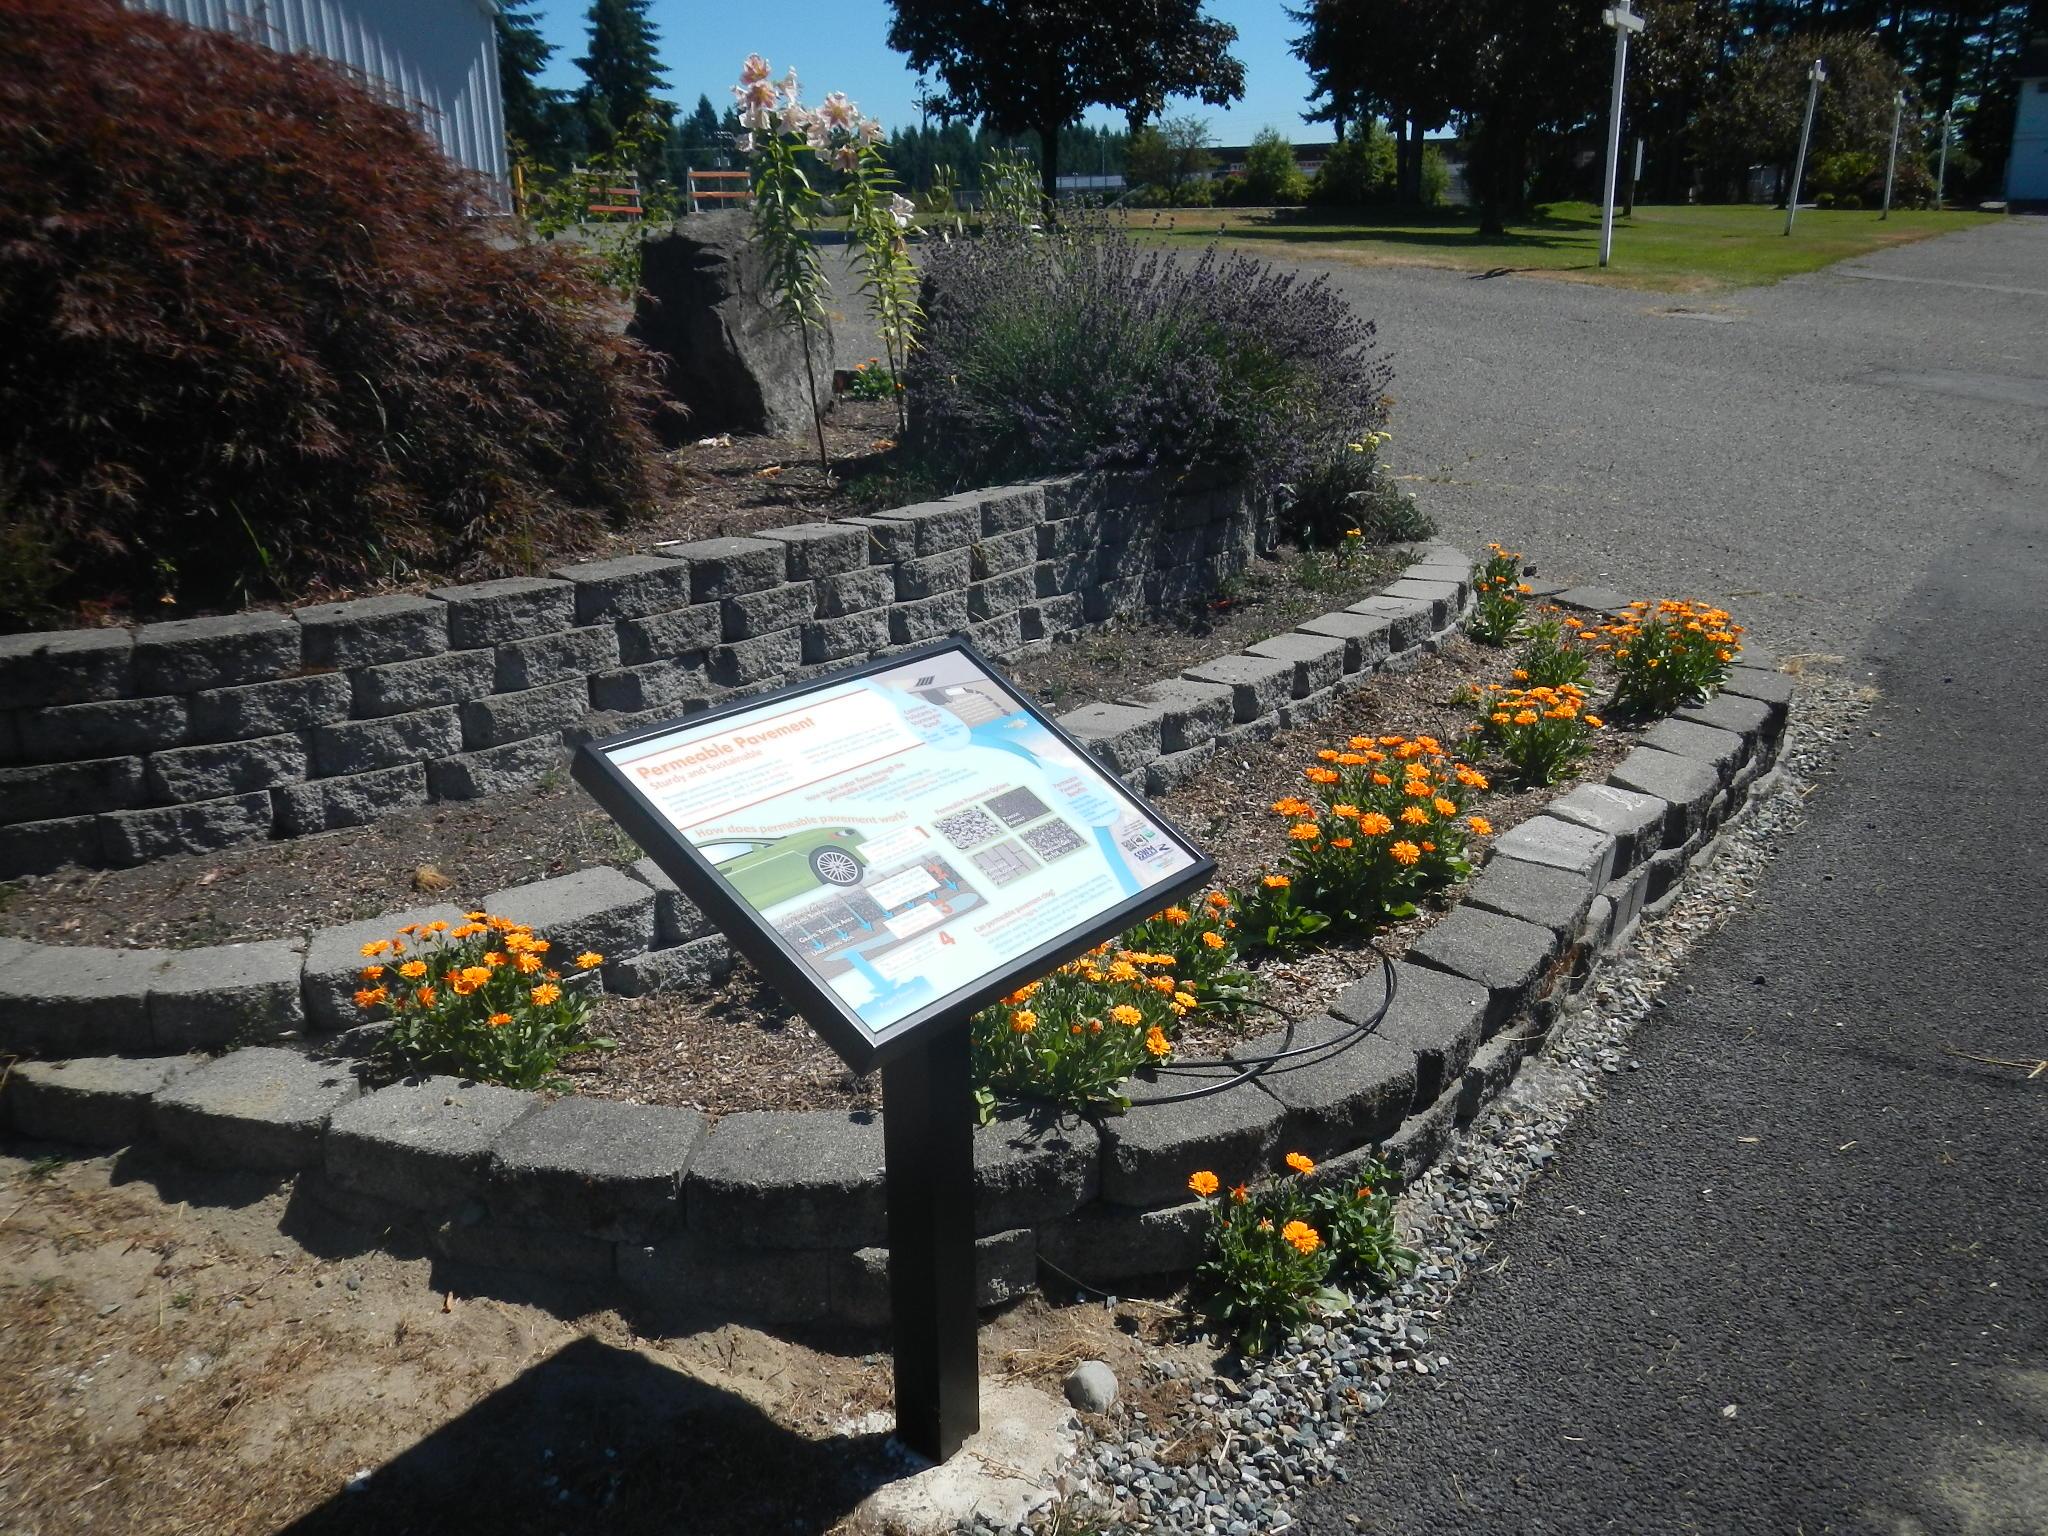 Fairgrounds Porous Pavement